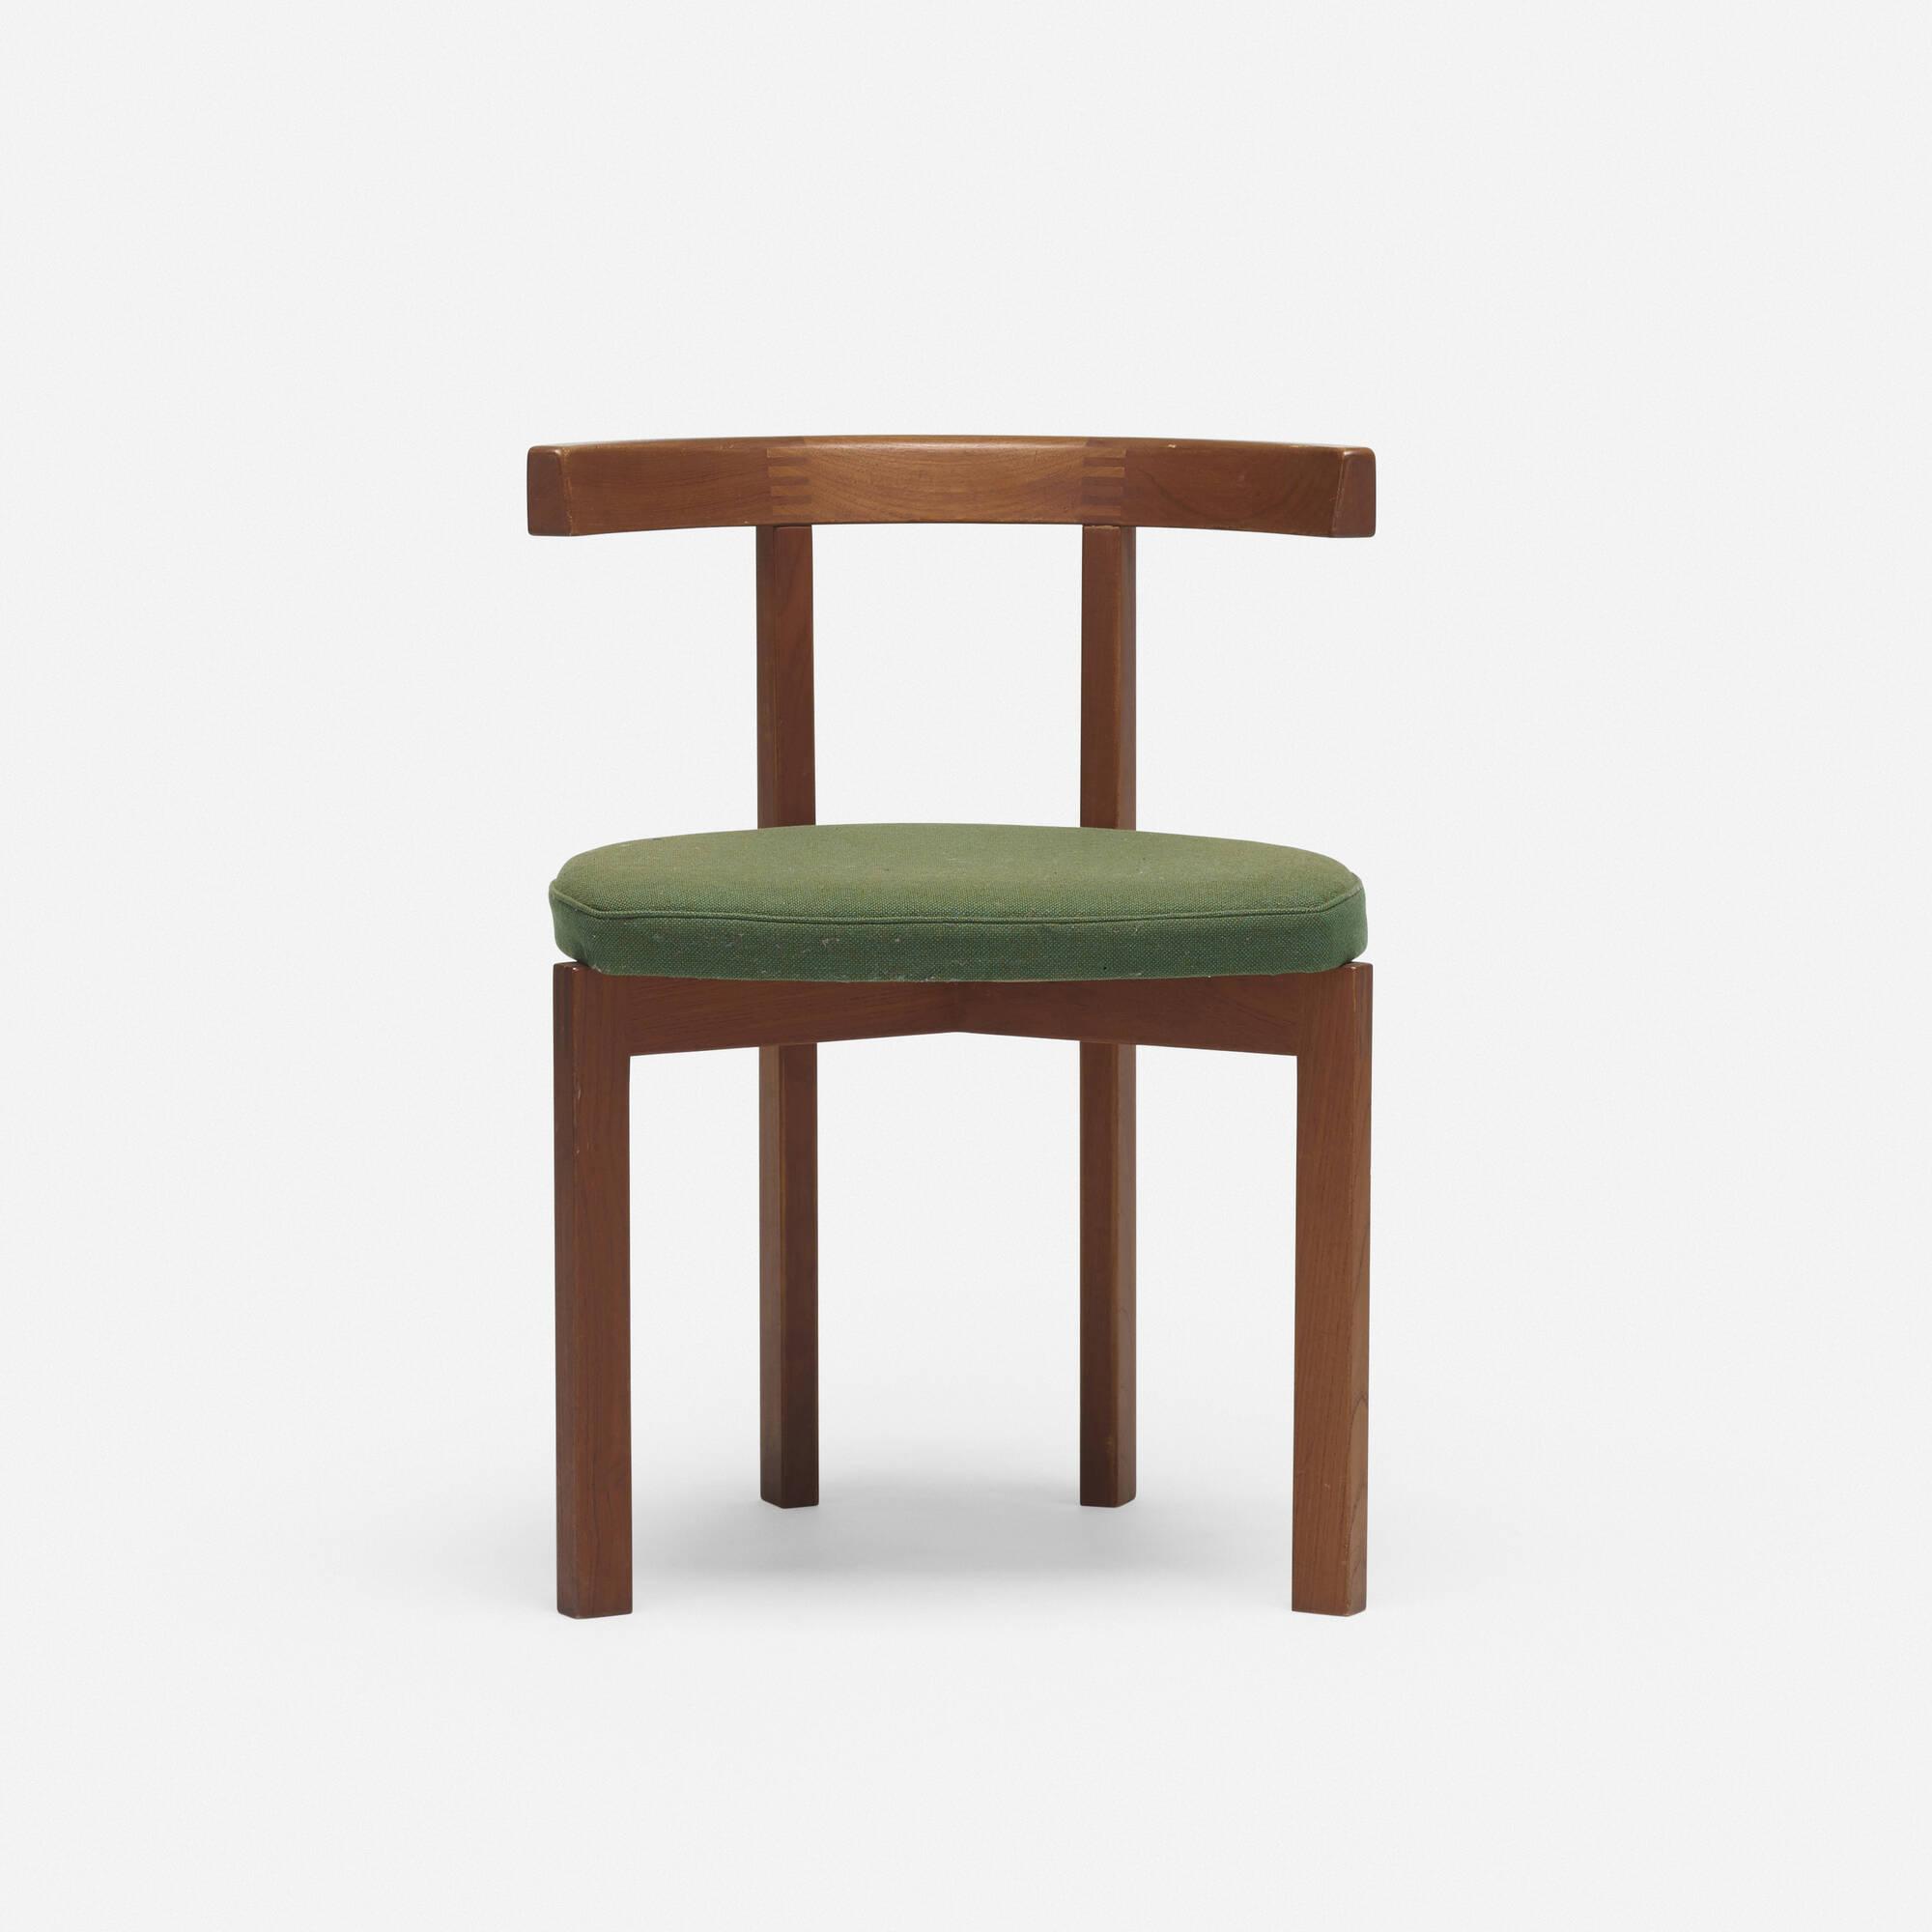 390: Inger Klingenberg / chair, model 193 (1 of 3)